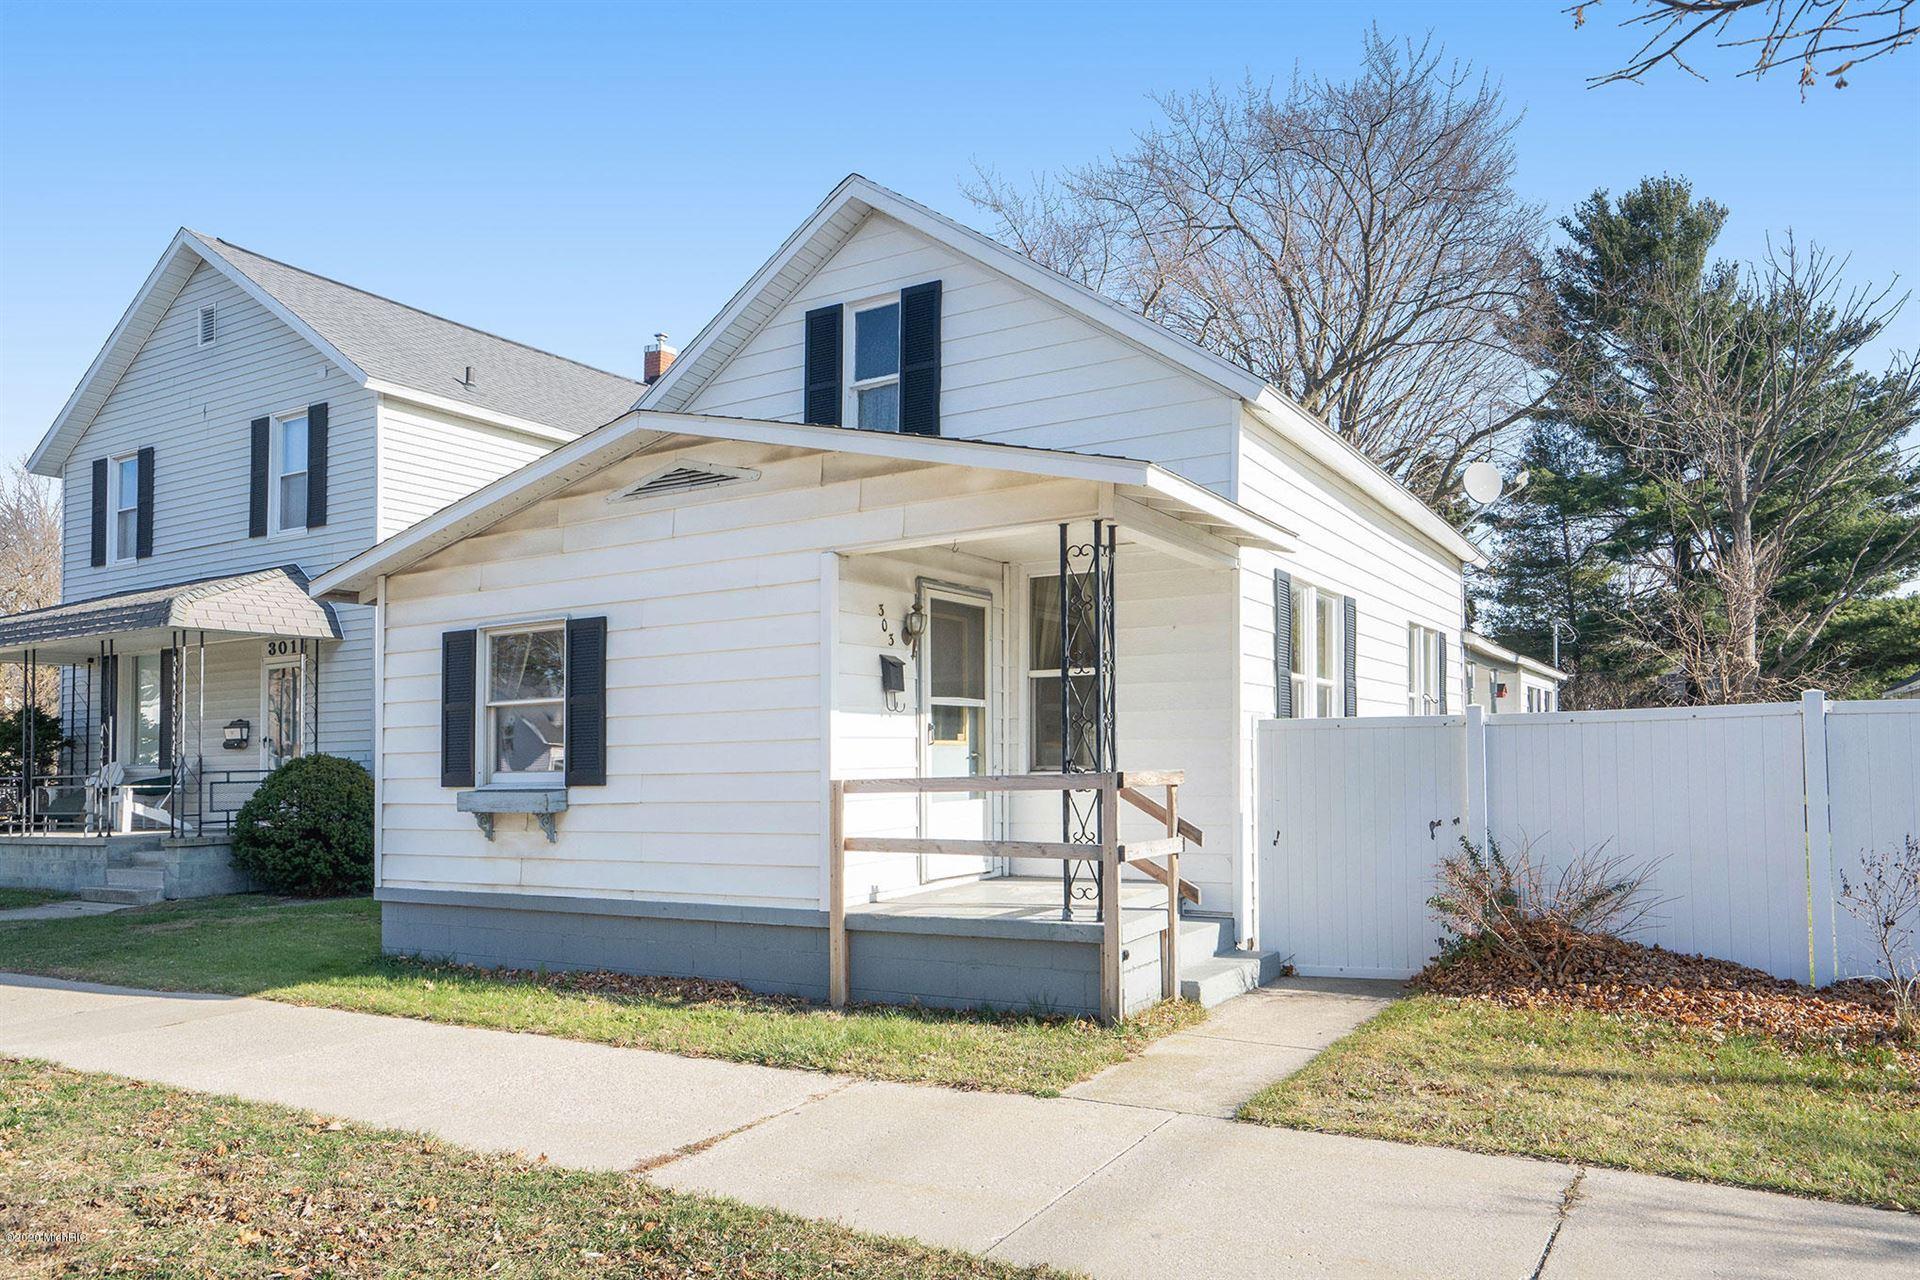 303 S Washington Avenue, Ludington, MI 49431 - MLS#: 20048399